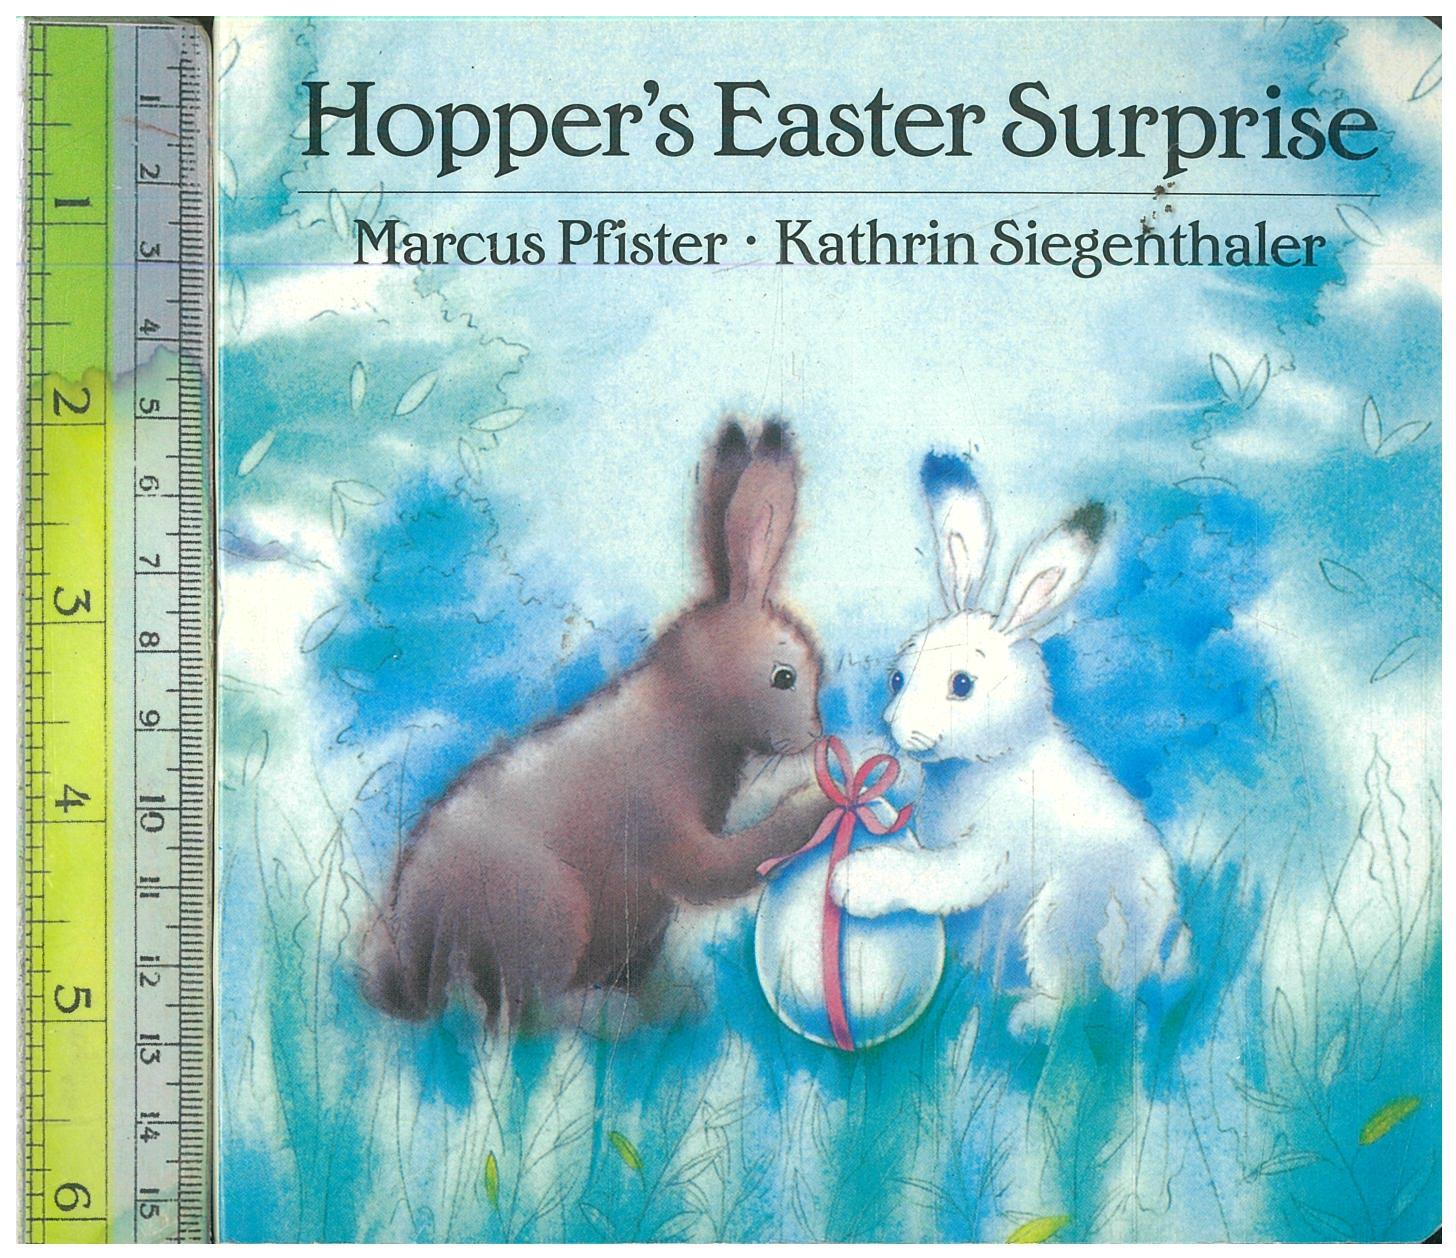 Hopper's Easter Surprise